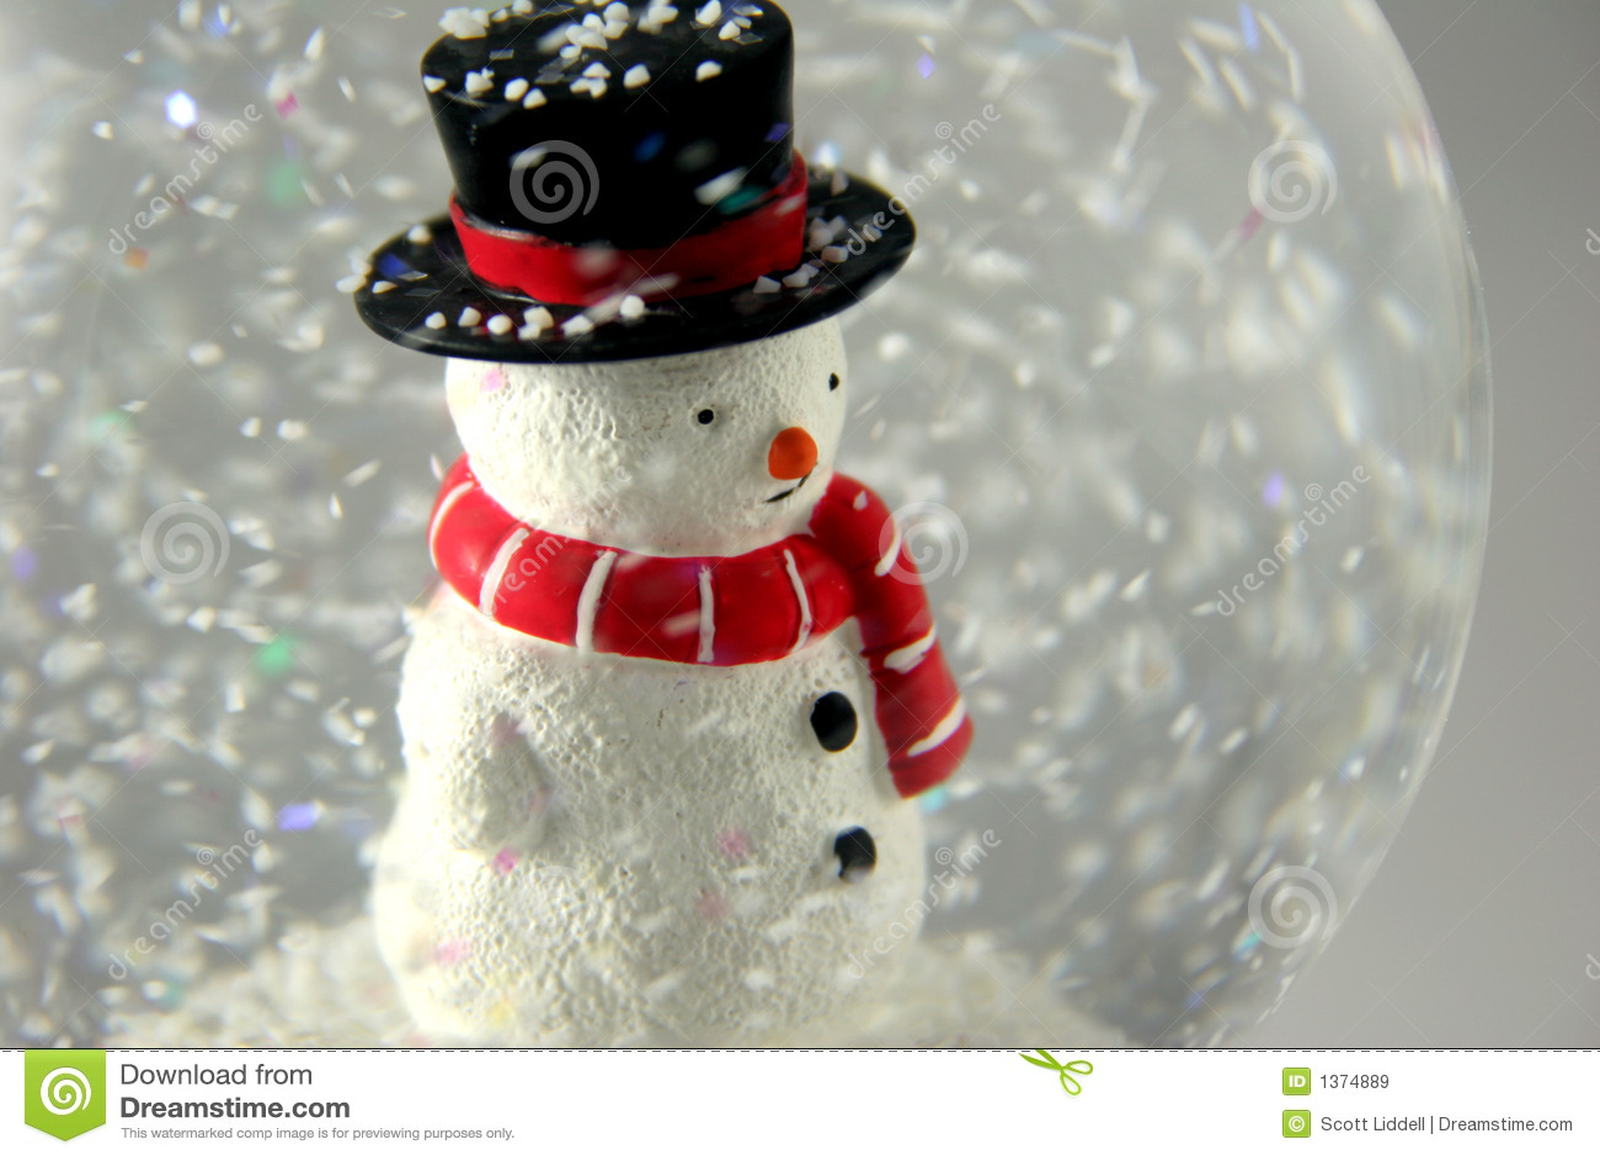 Sneeuwman in Snowglobe